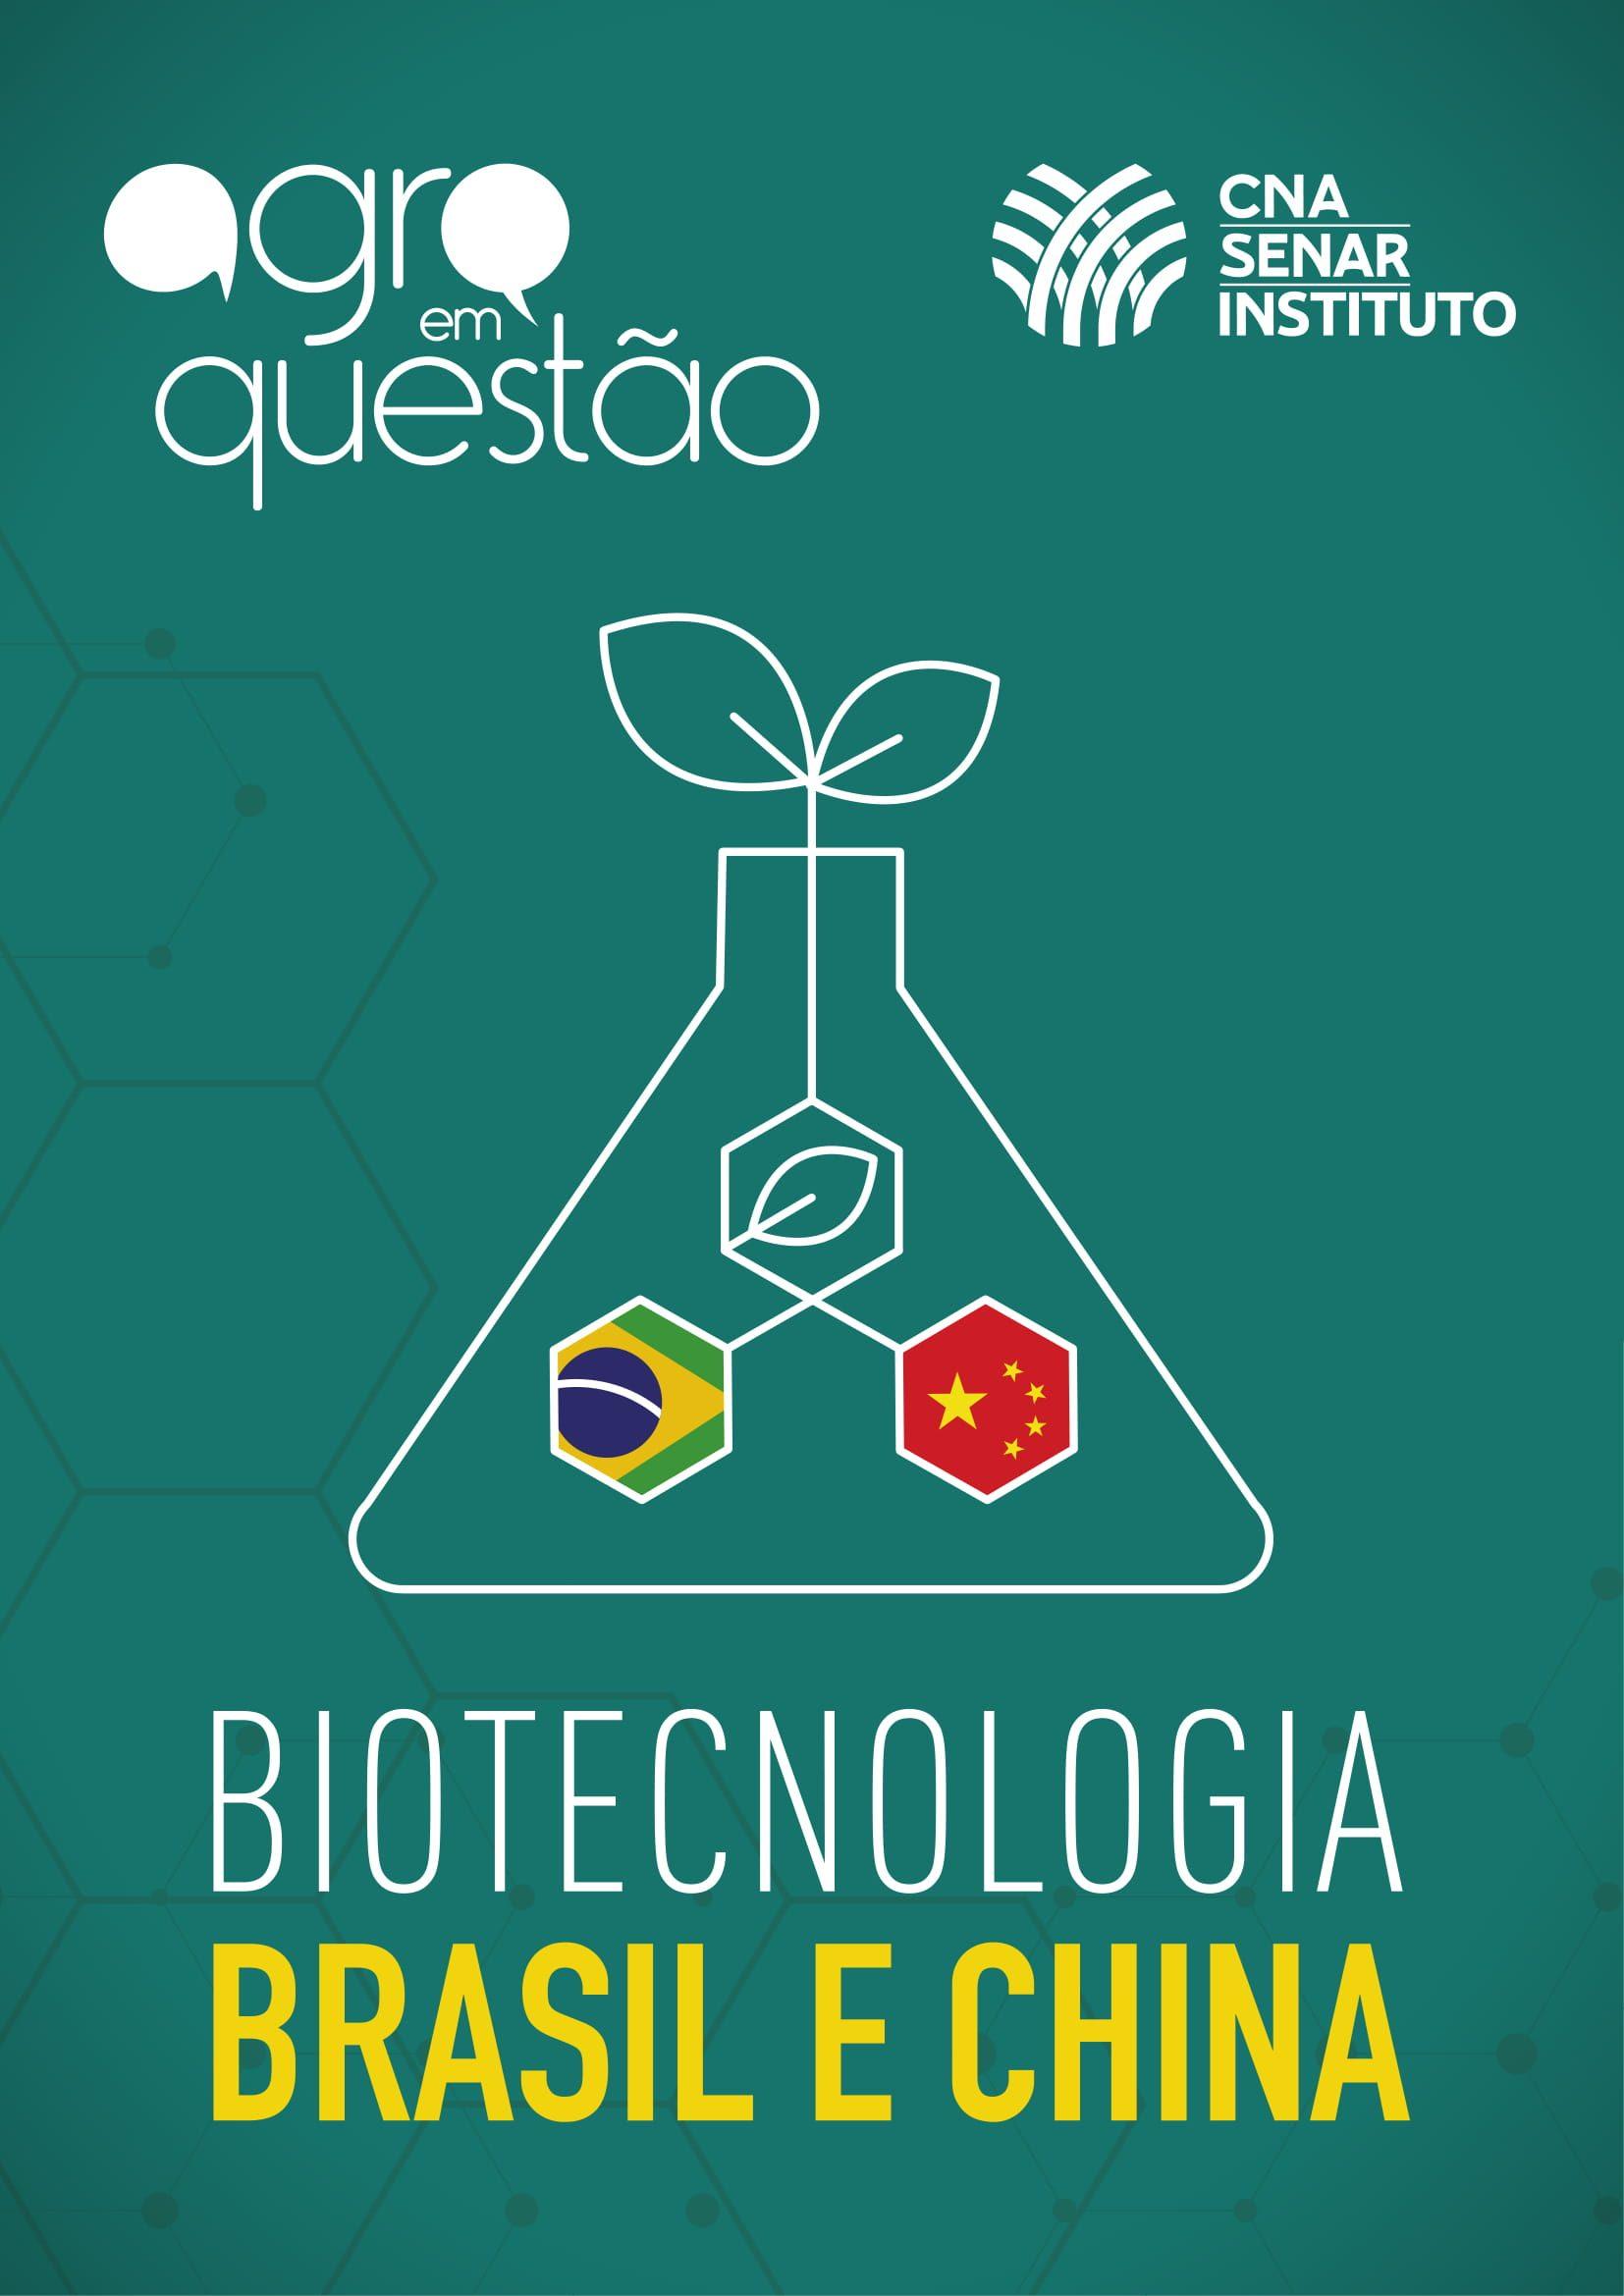 Agro em Questão: China e Brasil - Agricultura e Biotecnologia @ Brasília-DF